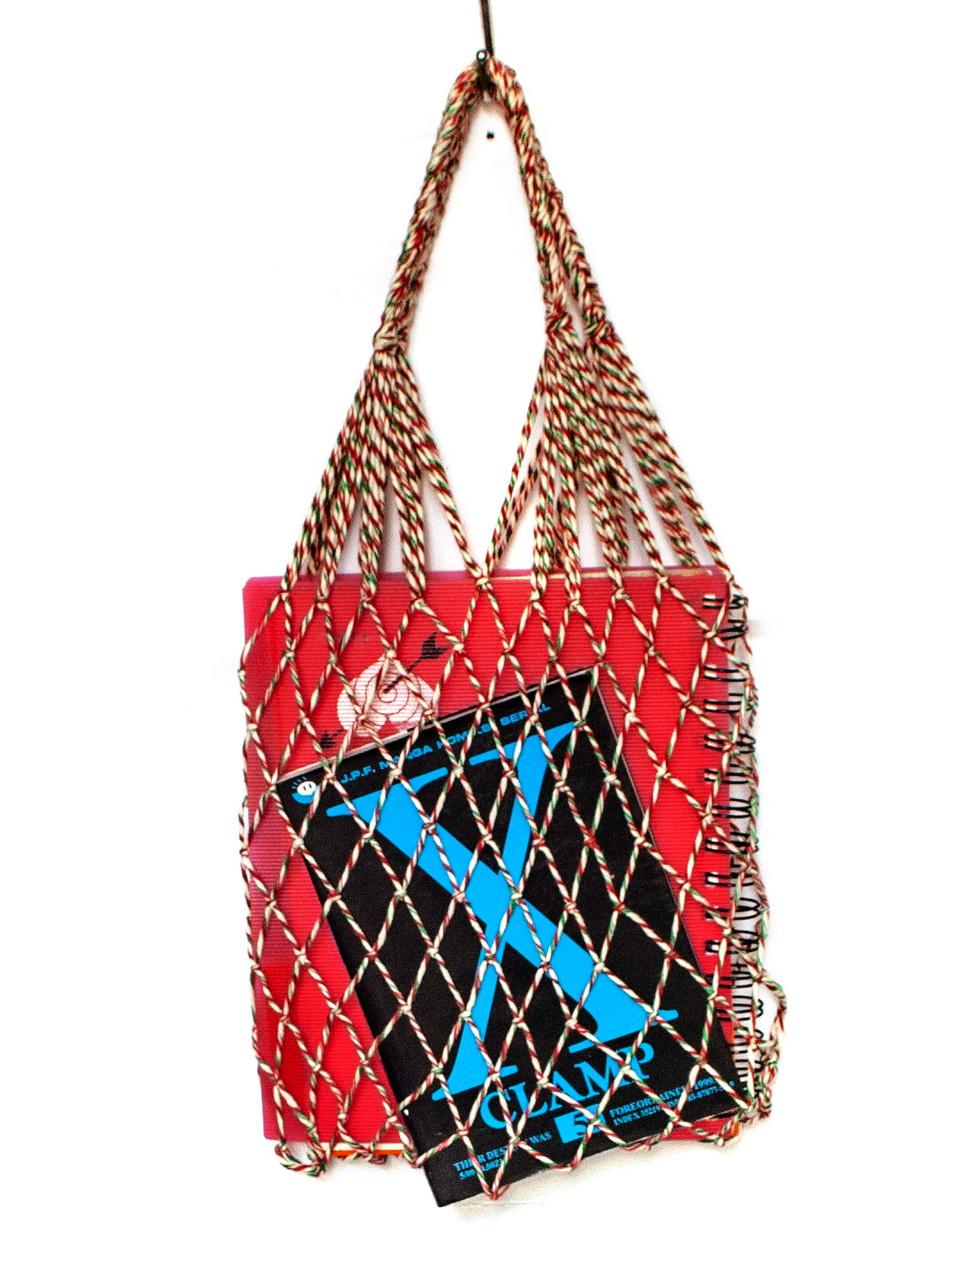 Органайзер - Сумка для покупок - Уникальная сумка - Авоська мини - Эксклюзивная сумка